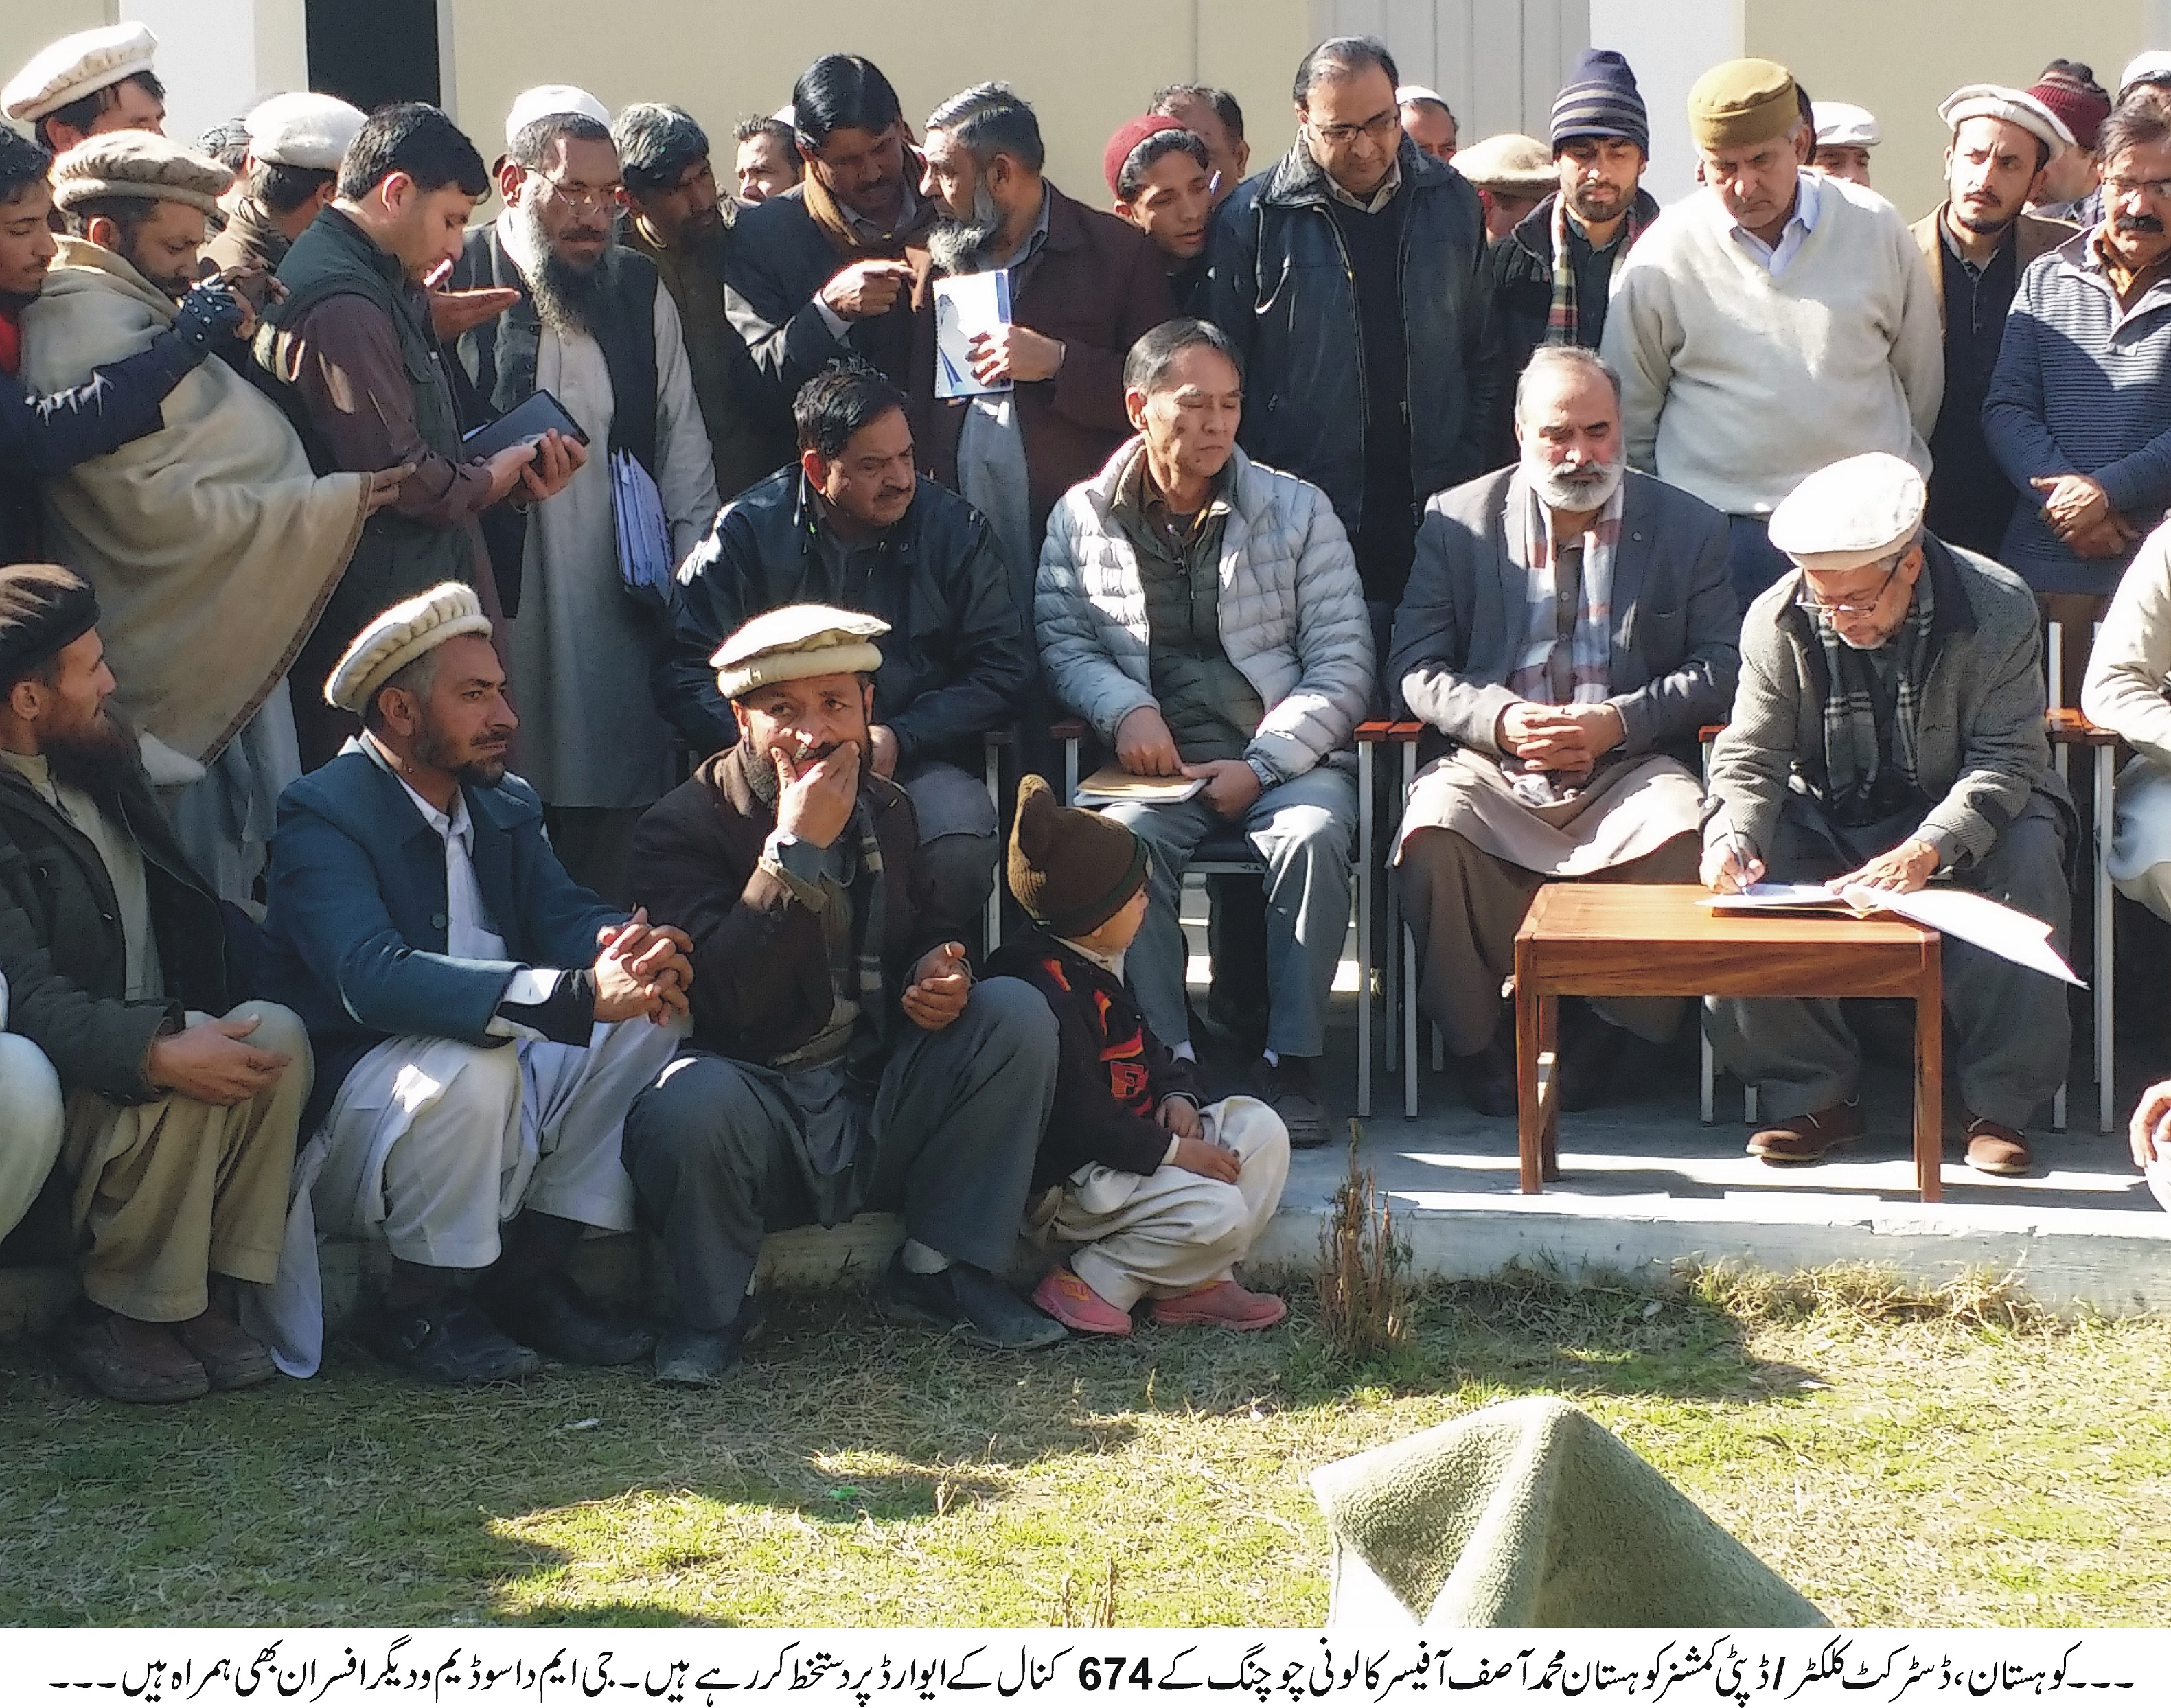 کوہستان: داسو ڈیم میں زیراستعمال 674کنال اراضی و املاک کیلئے 825ملین روپے کا ایوارڈجار ی